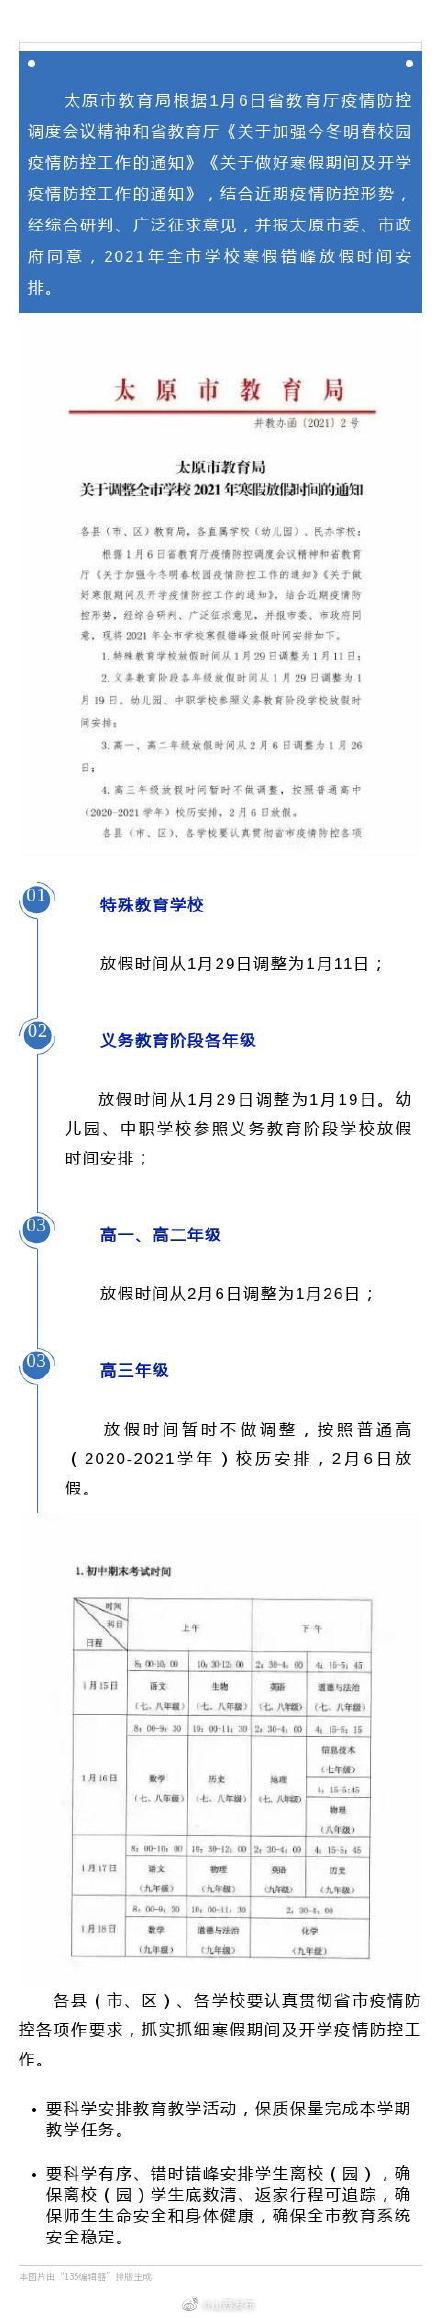 """021小学初中寒假什么时候放?提前到1月19日"""""""